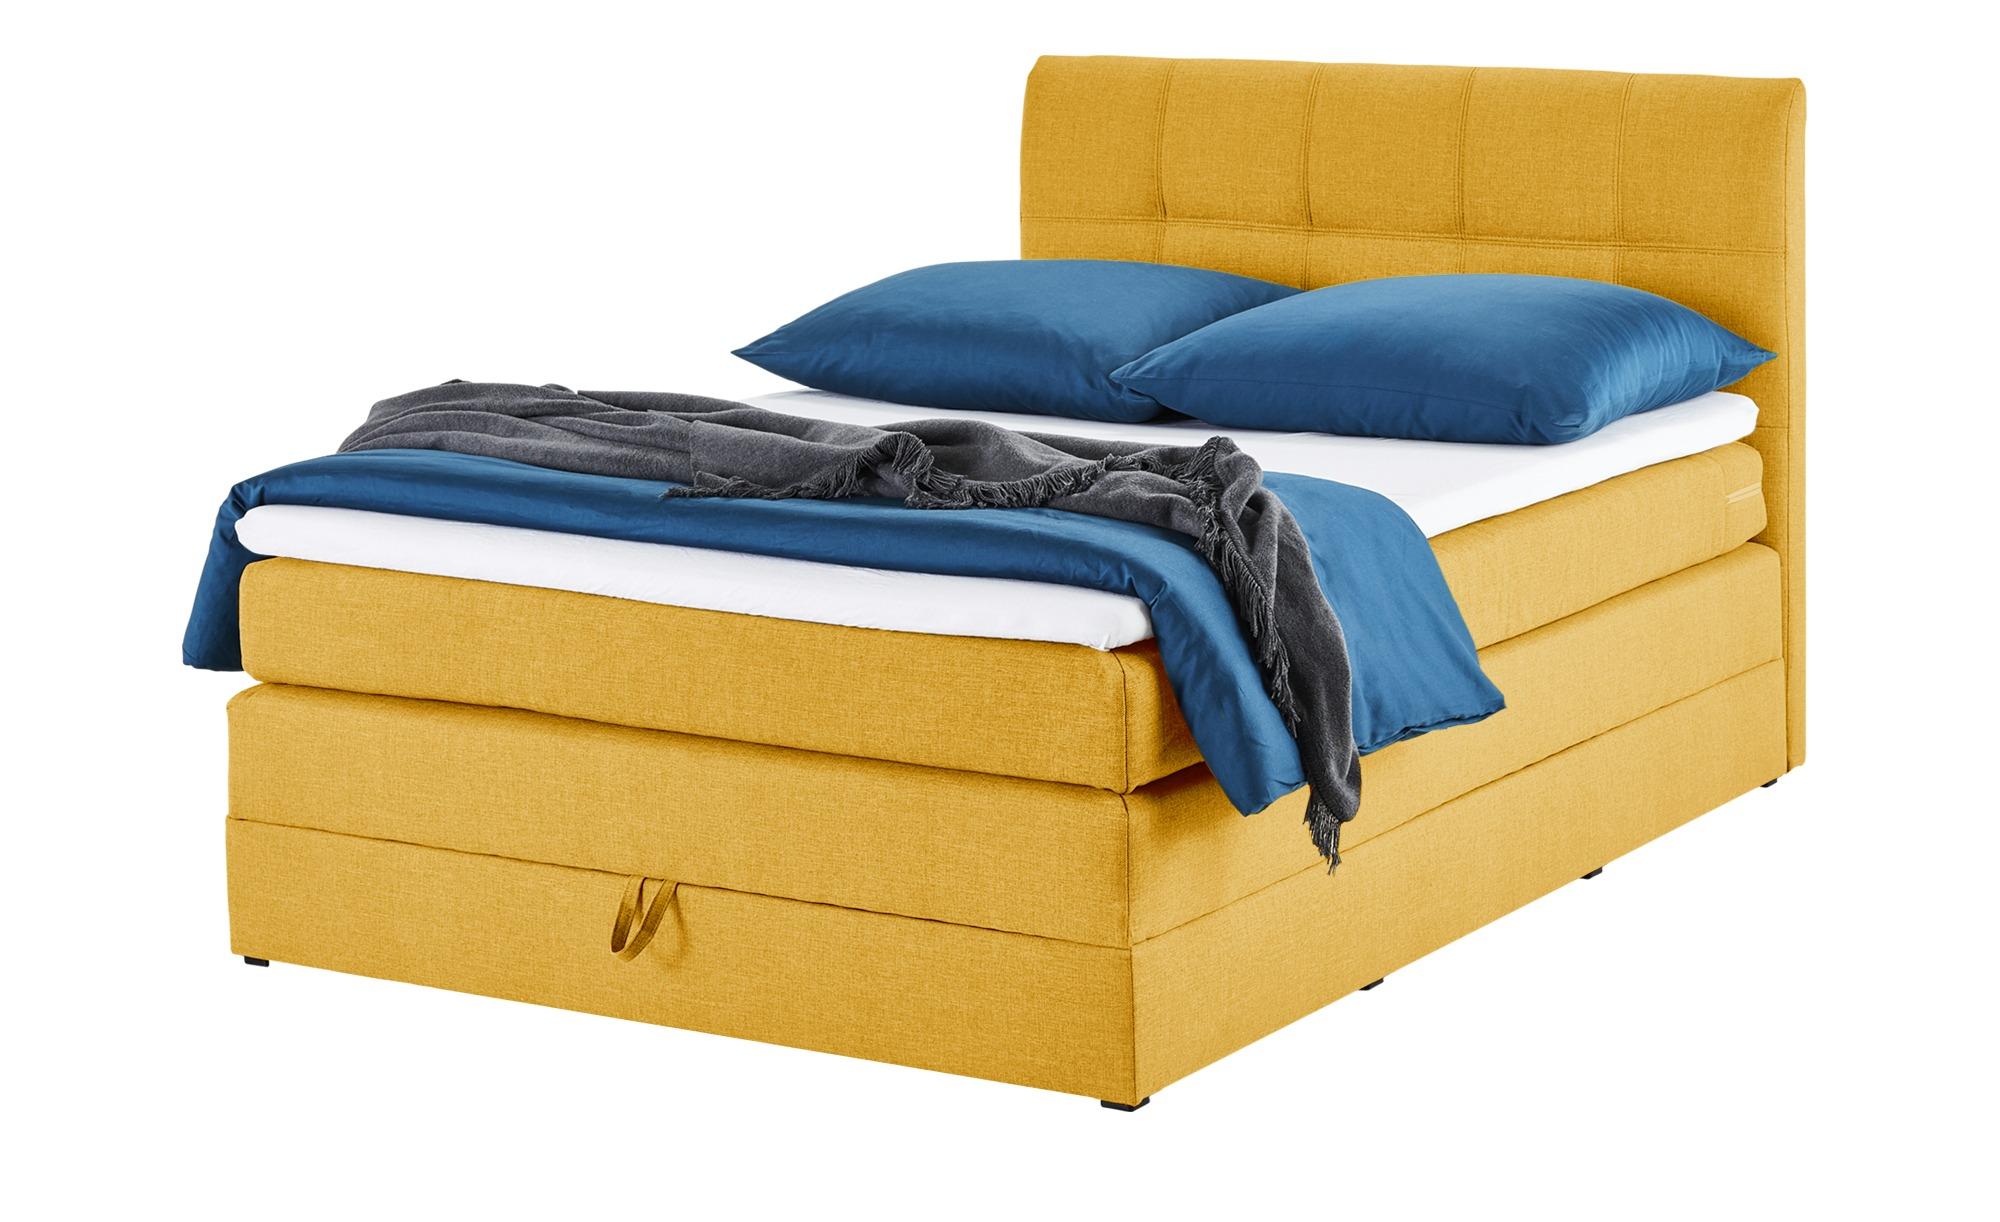 Boxspringbett 140x200 - gelb Baroness ¦ gelb ¦ Maße (cm): B: 143 H: 113 T: 212 Betten > Boxspringbetten > Boxspringbetten 140x200 - Höffner